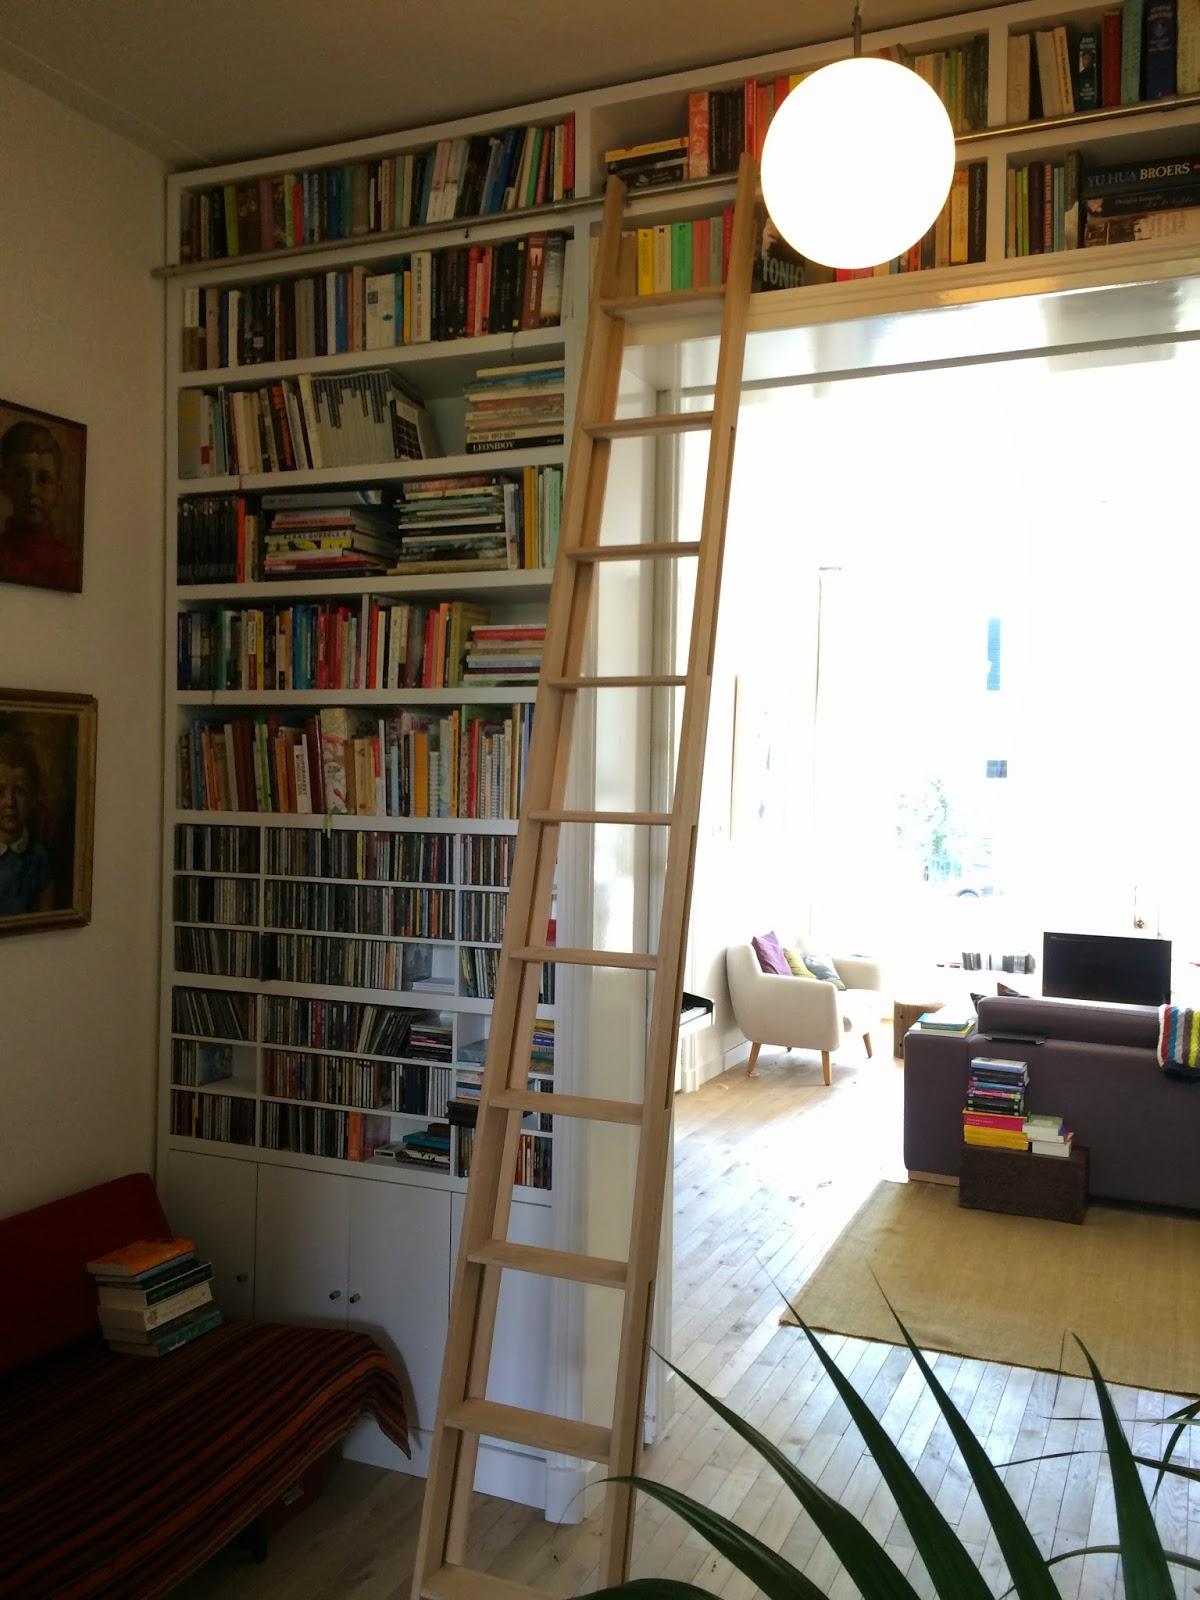 rvs roede aan boekenkast